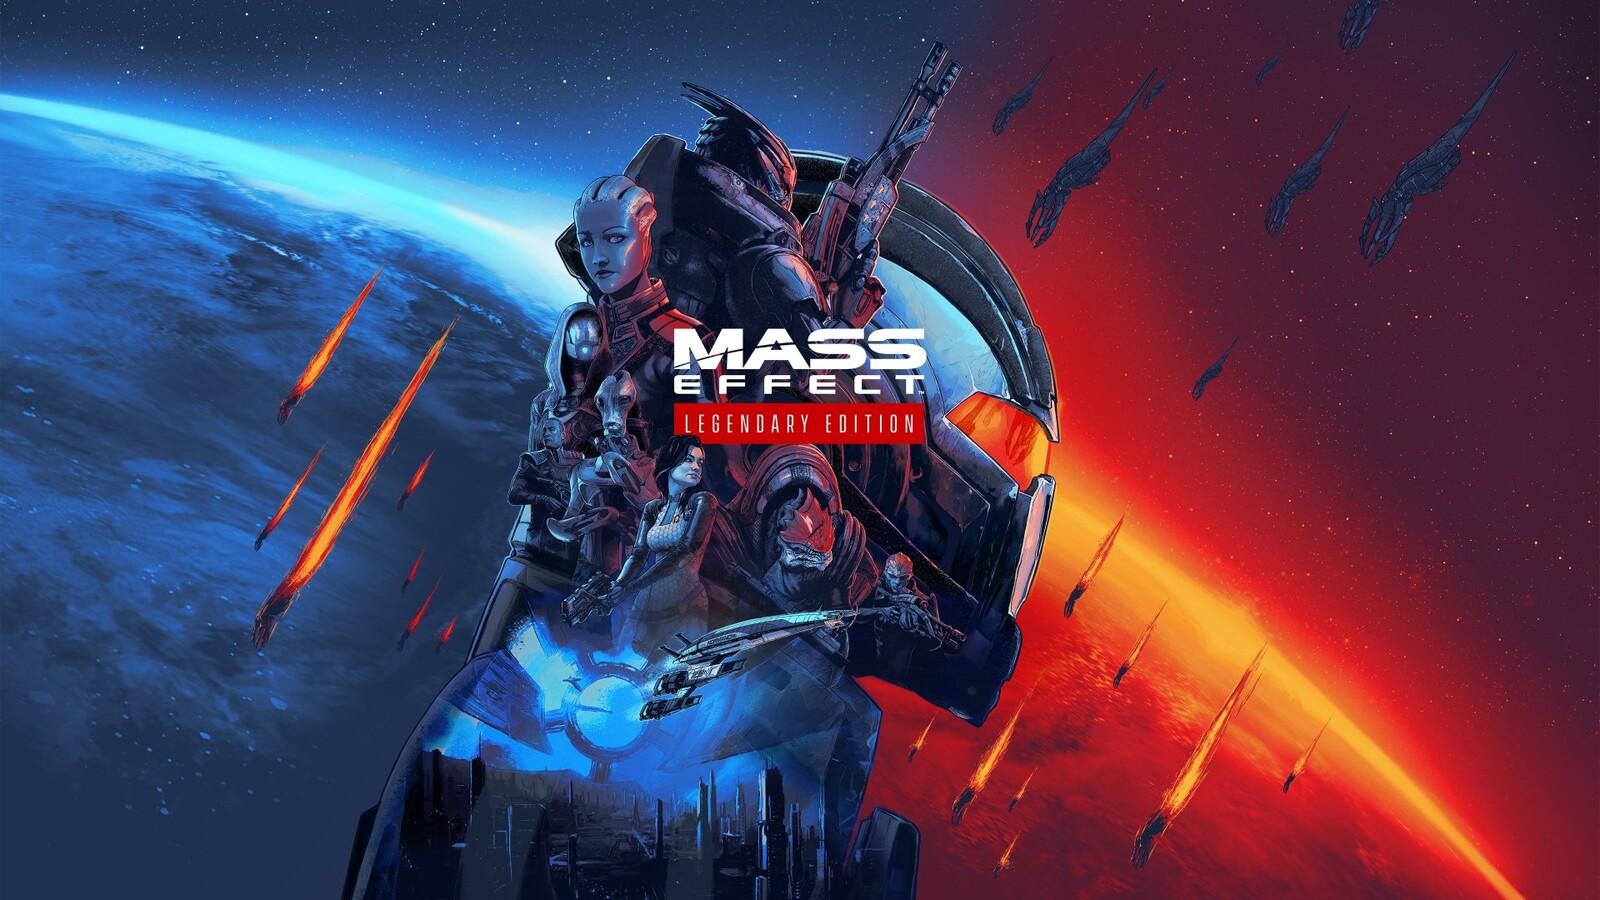 Mass Effect Legendary Cover Art and Key Art Creator